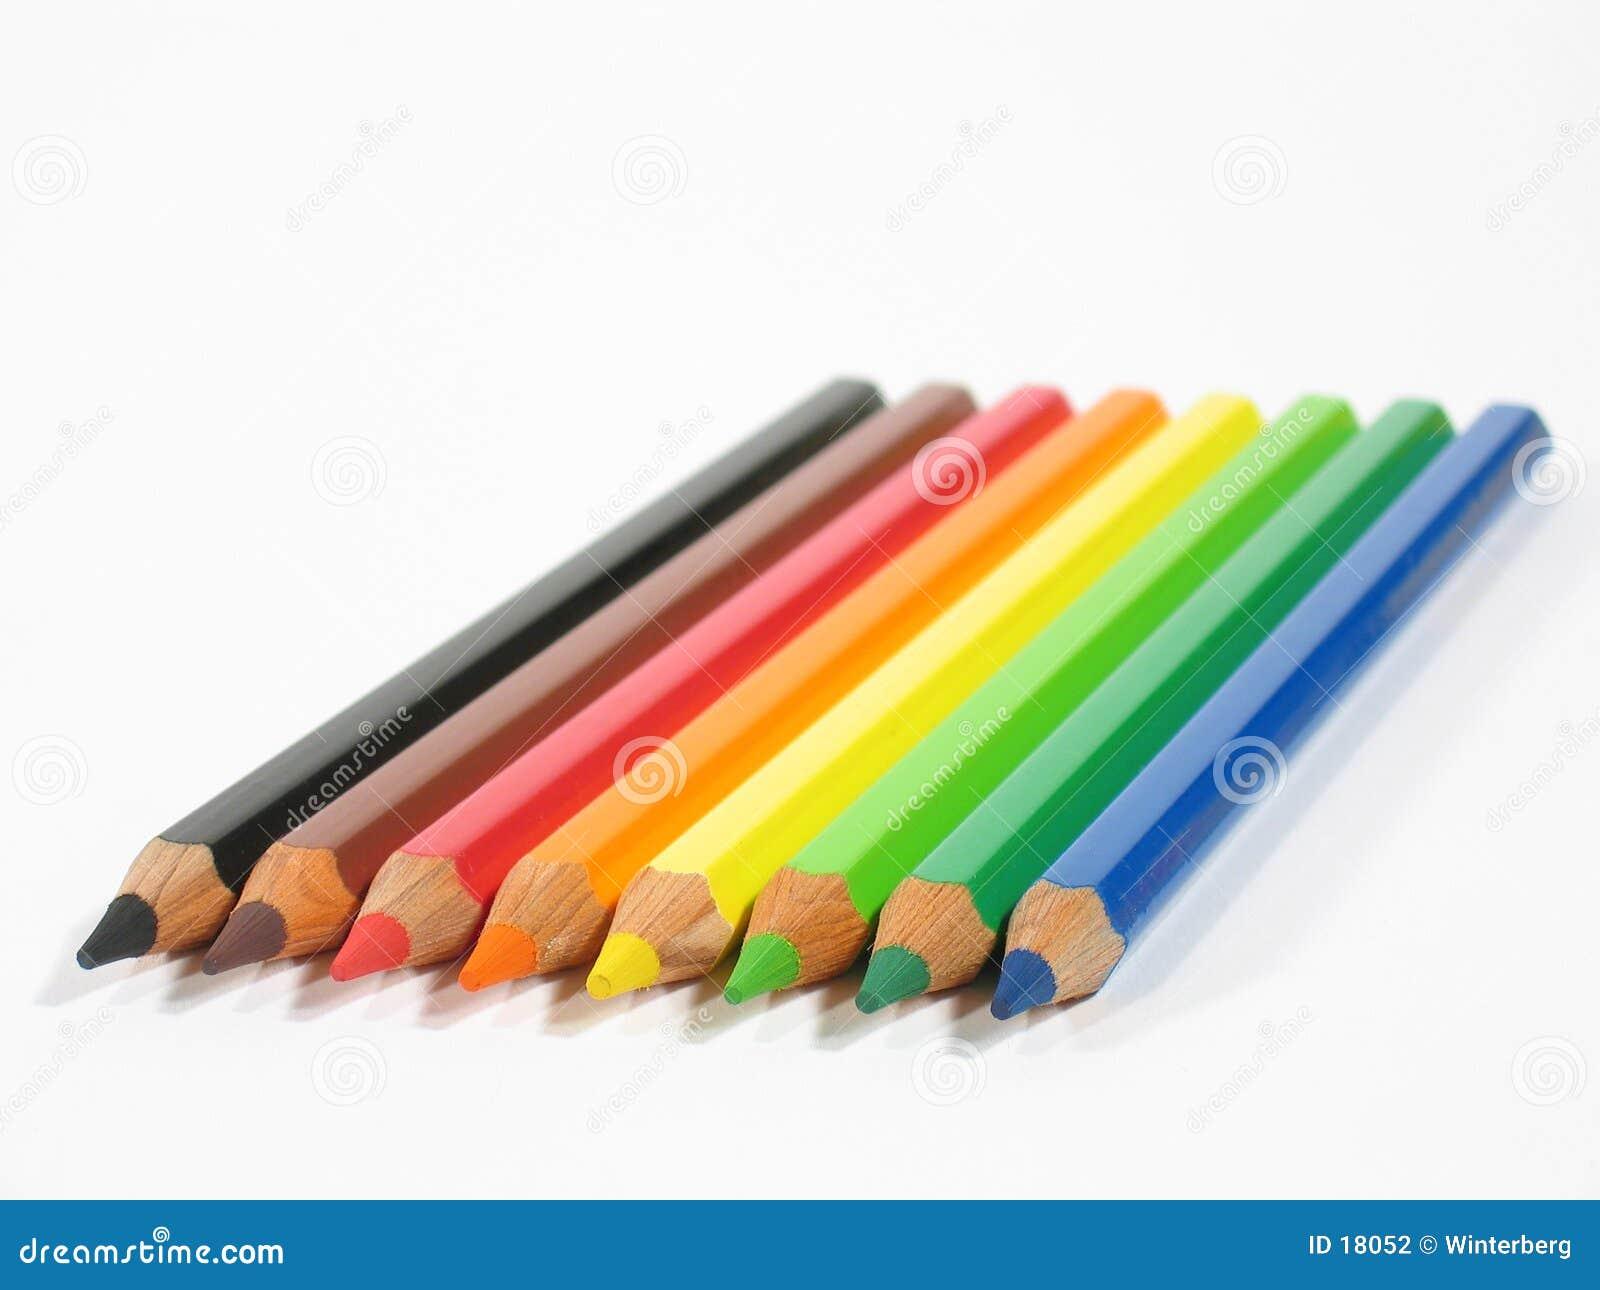 Farbige Zeichenstifte II